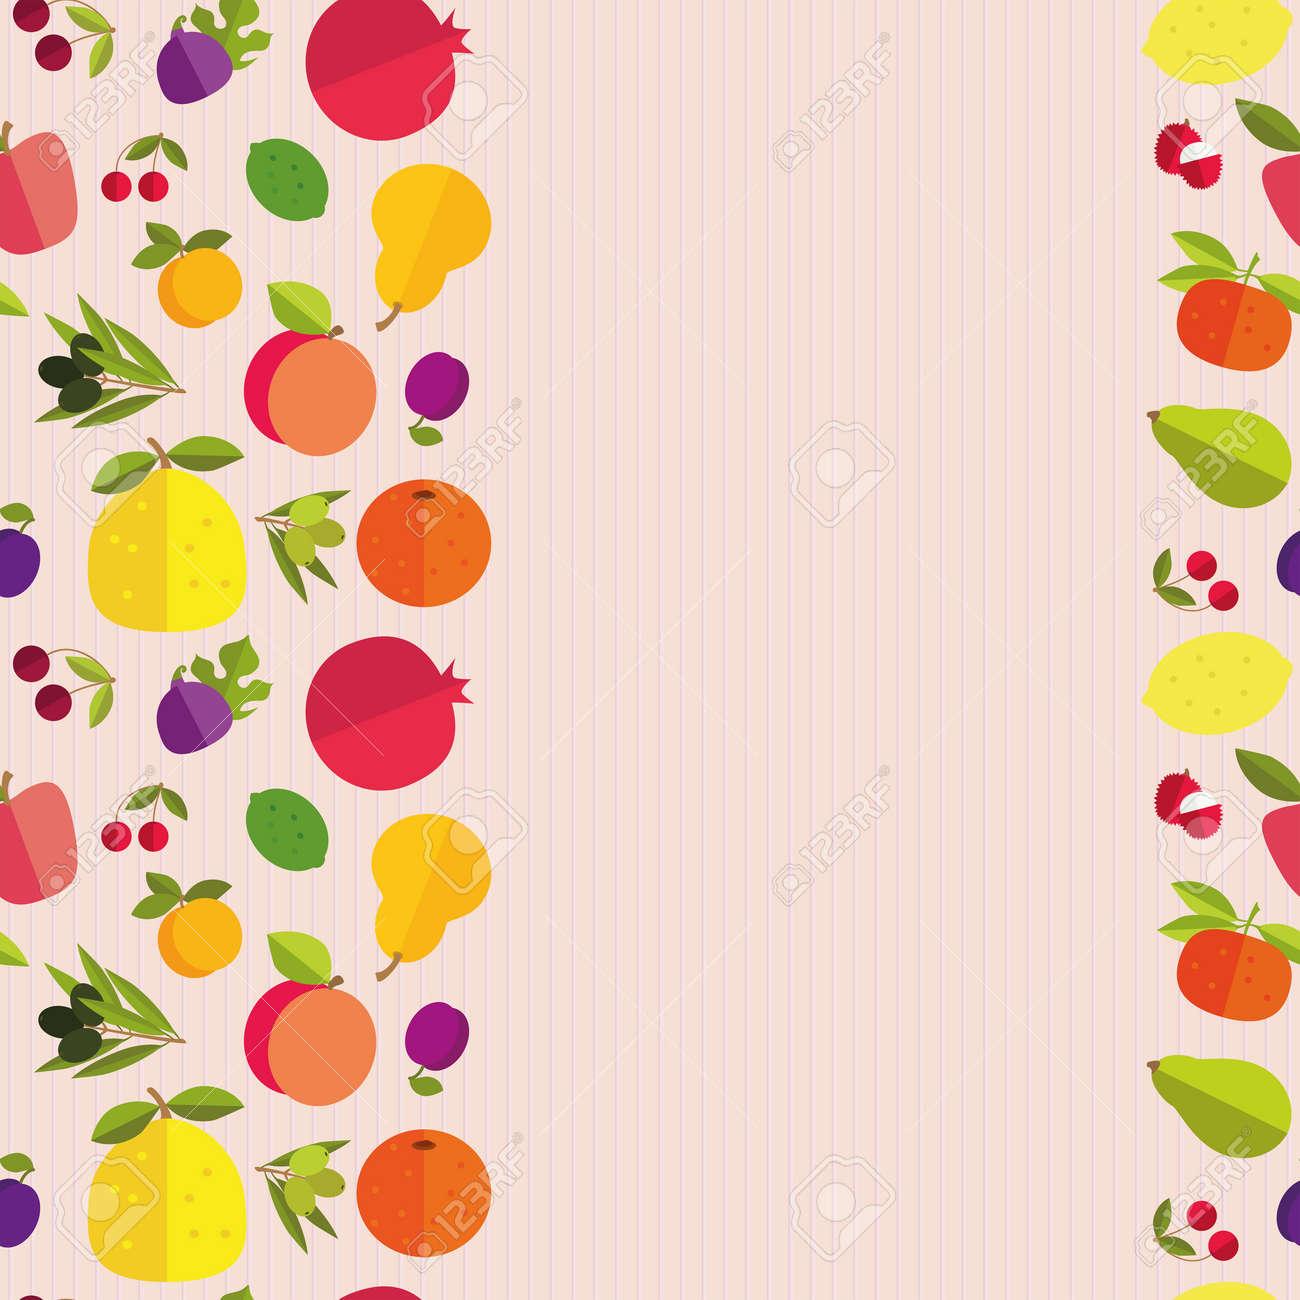 Frontera Inconsútil De Frutas Coloridas \